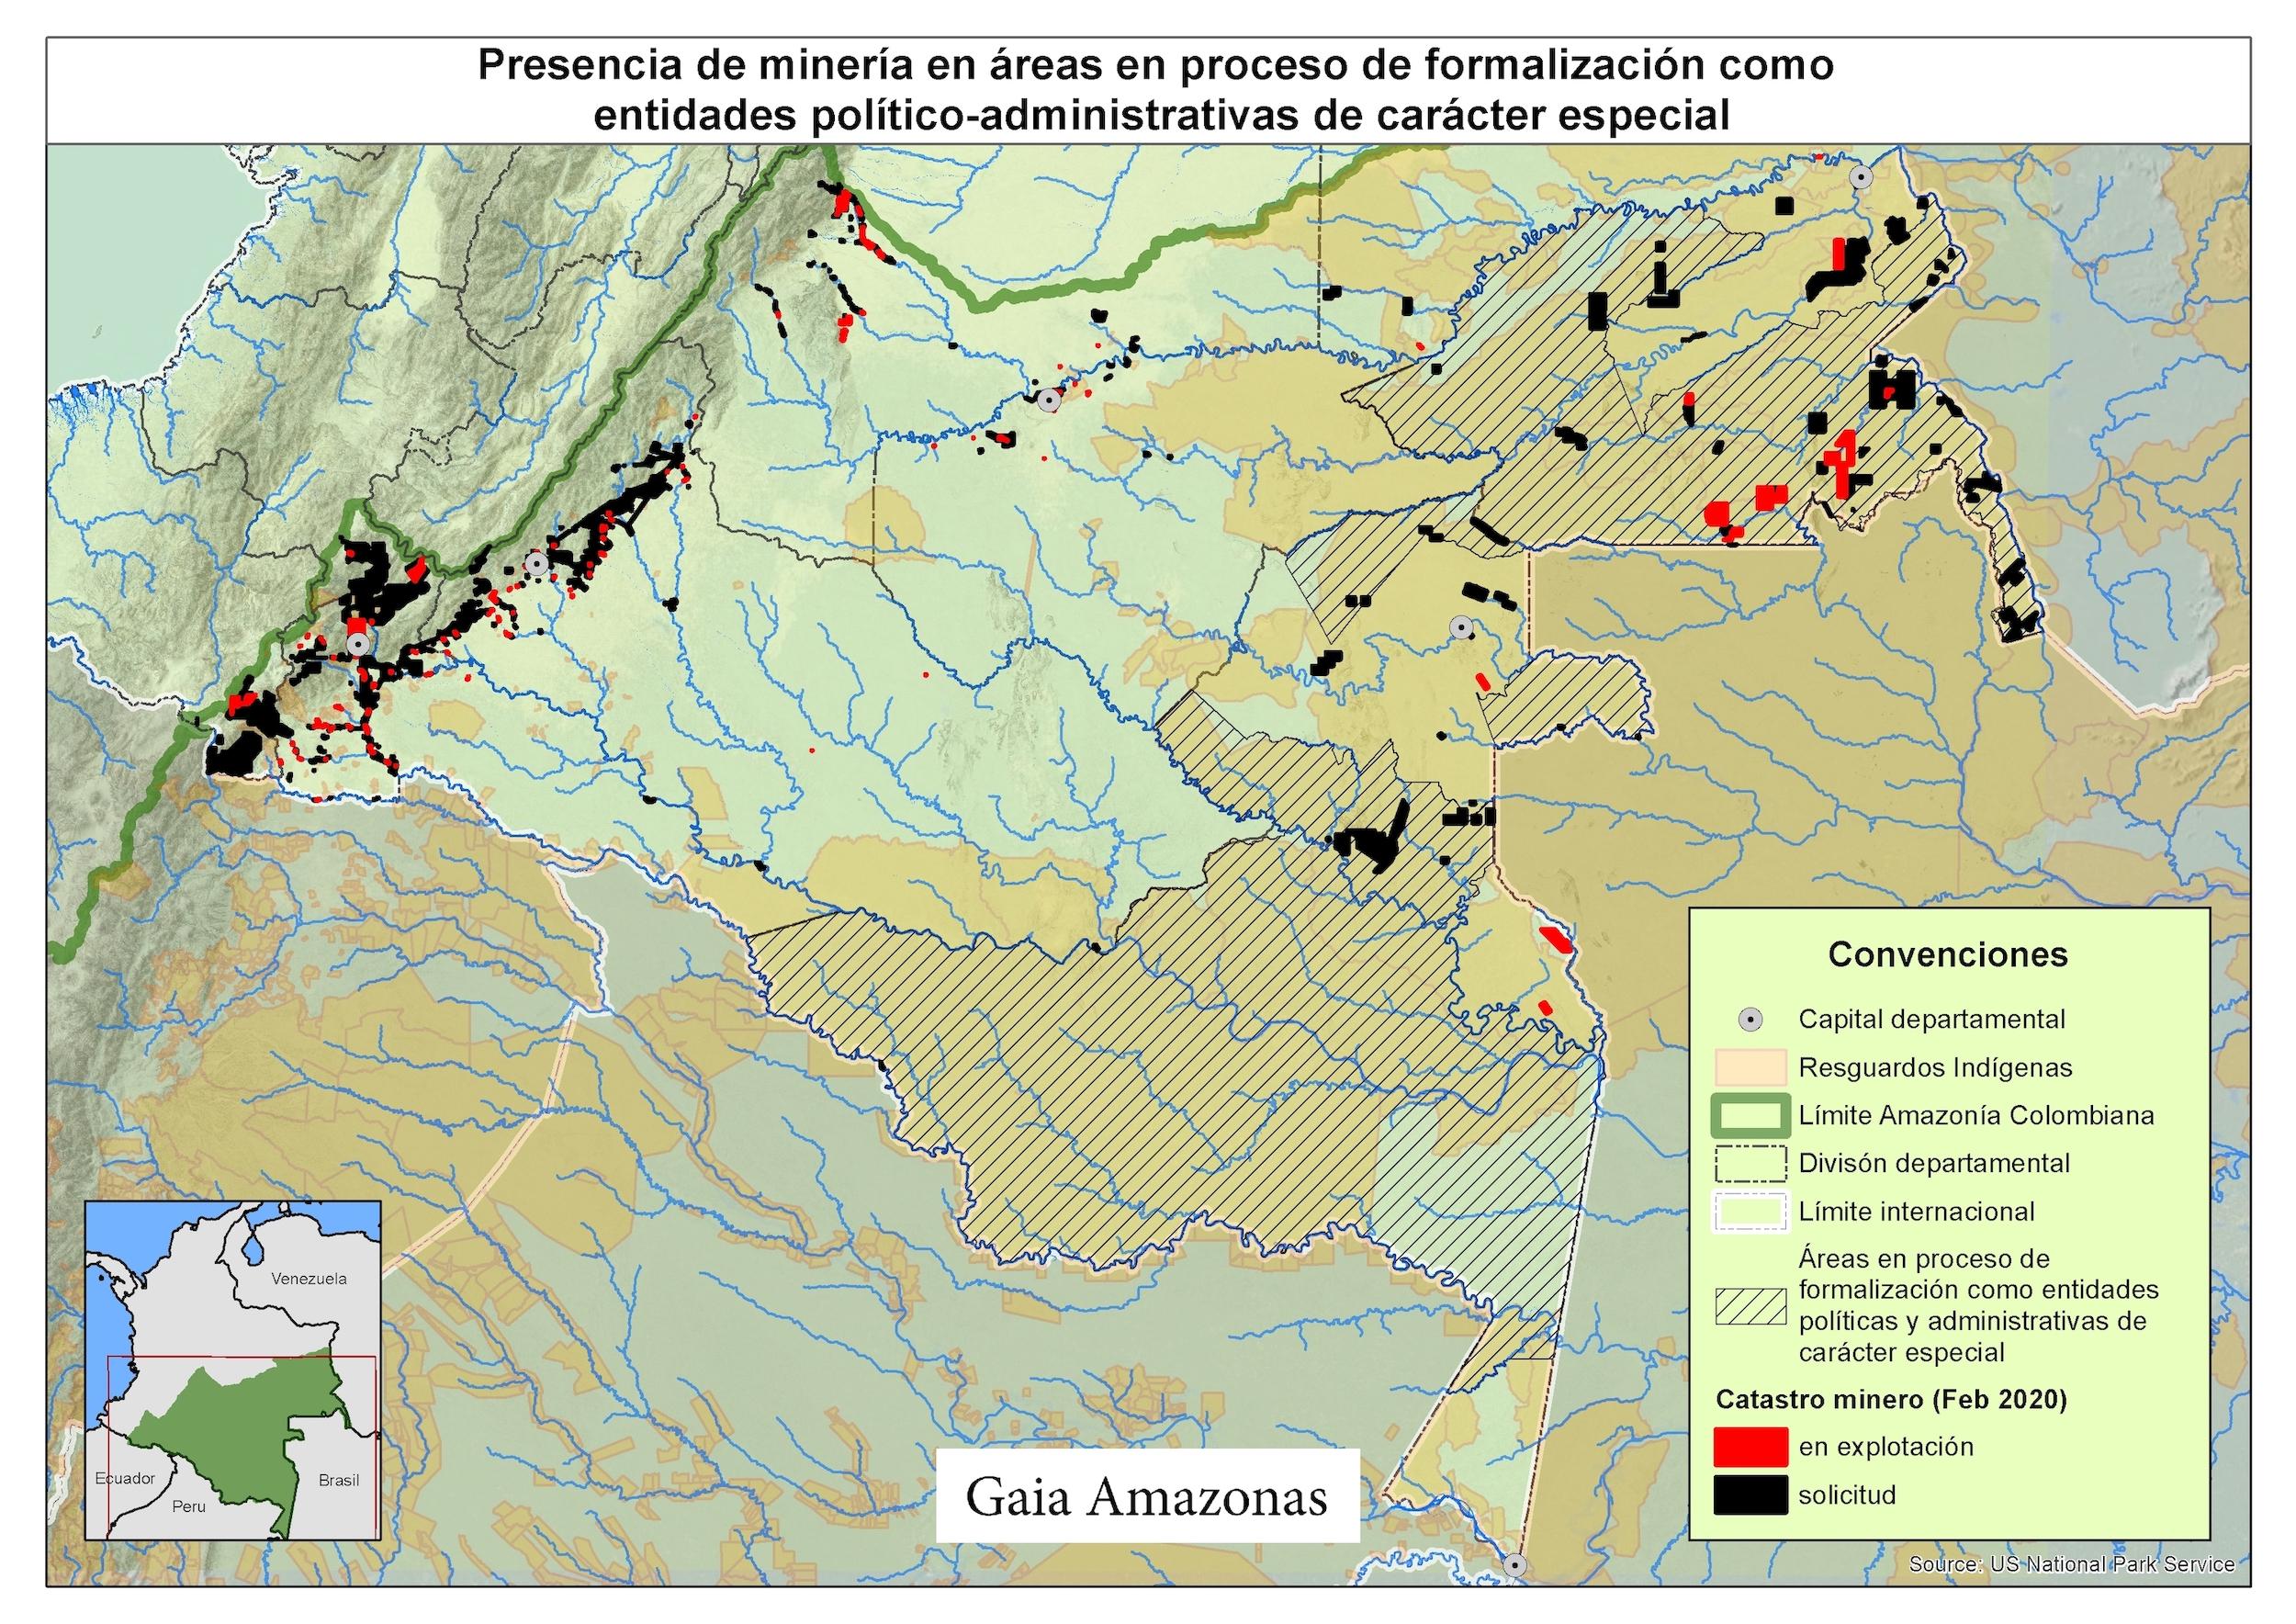 Territorios indígenas Colombia. Los títulos mineros y las solicitudes mineras (en rojo y negro) que se ven en la parte derecha del mapa están, en su gran mayoría, en los departamentos de Guainía y Vaupés. Mapa: Elaboración de Gaia Amazonas.